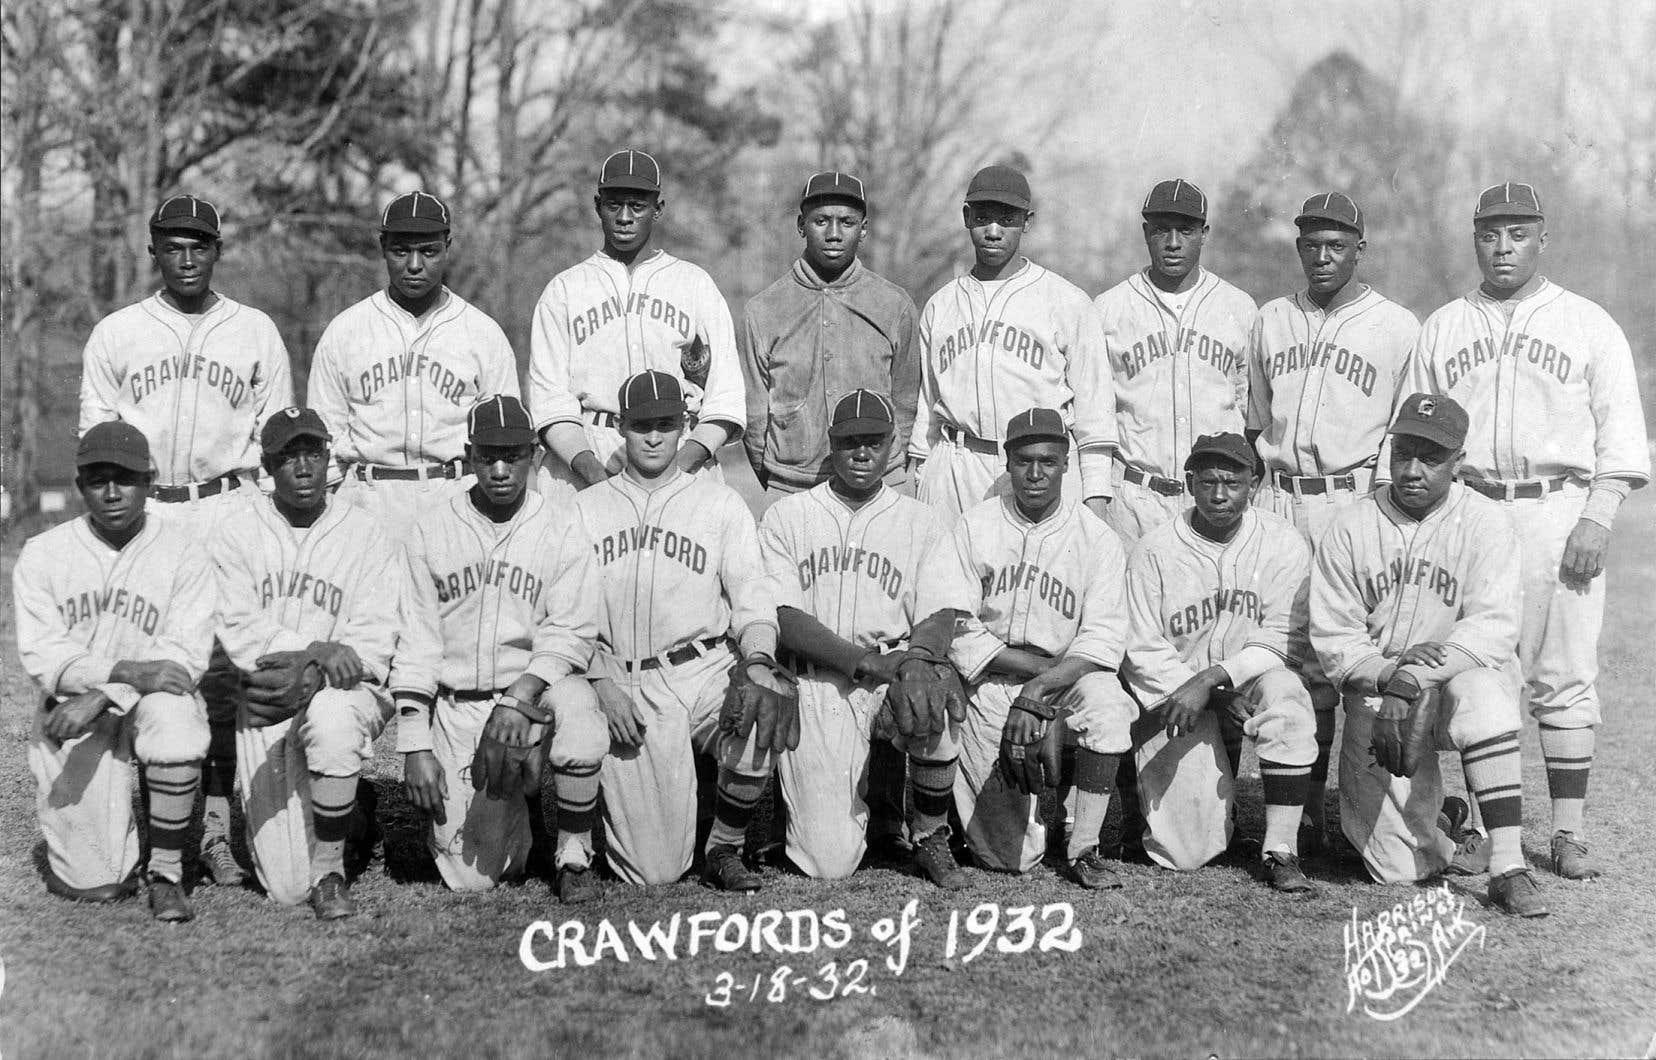 Josh Gibson, debout au centre de la photo avec les Pittsburgh Crawfords en 1932, pourrait se retrouver avec un record du Baseball majeur.